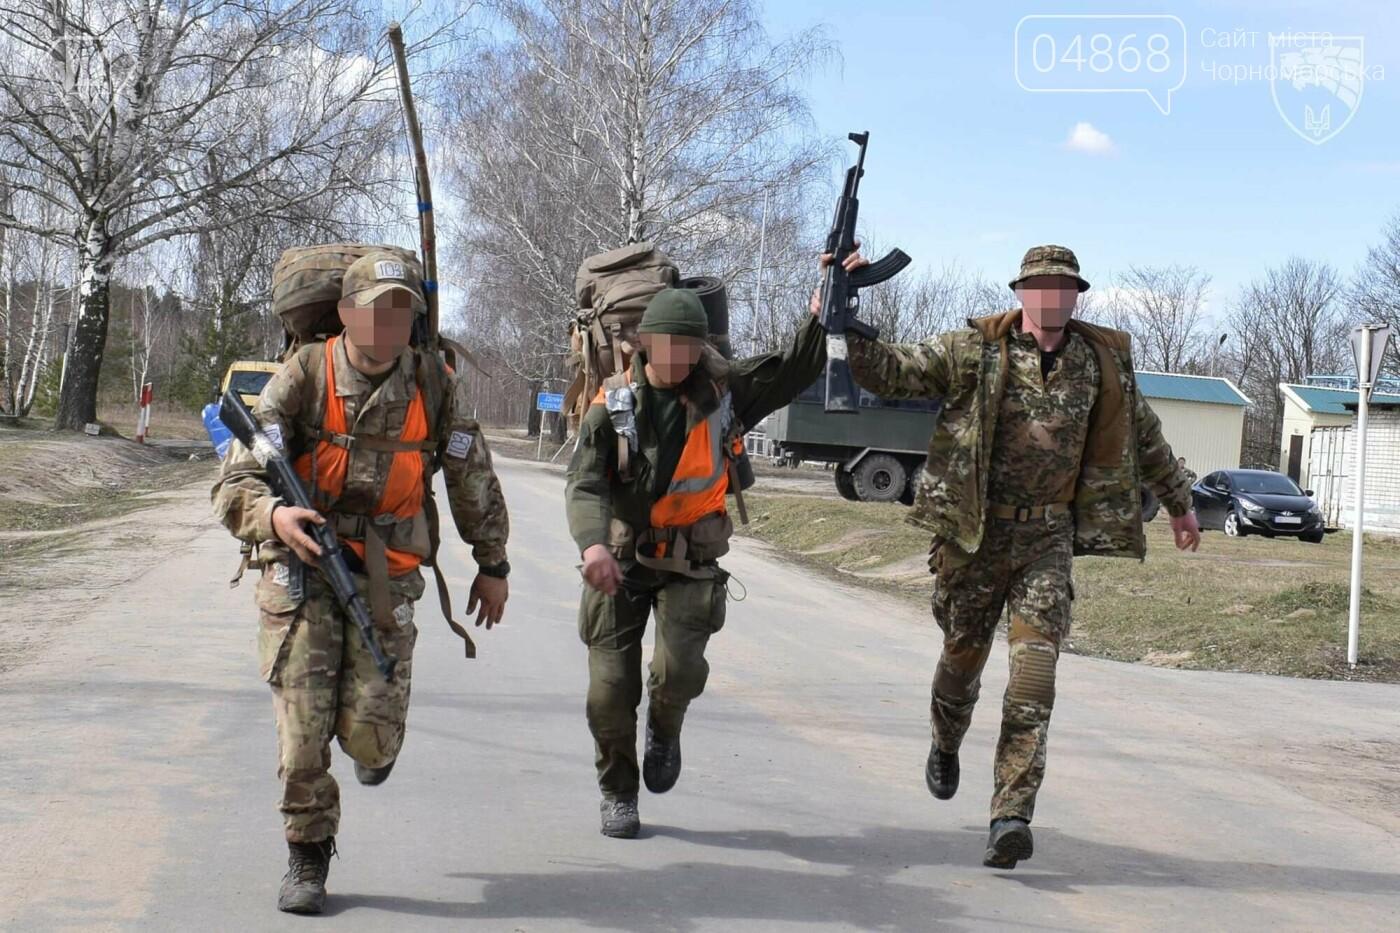 Первая женщина в Украине прошла отбор в Силы спецопераций ВСУ, фото-2